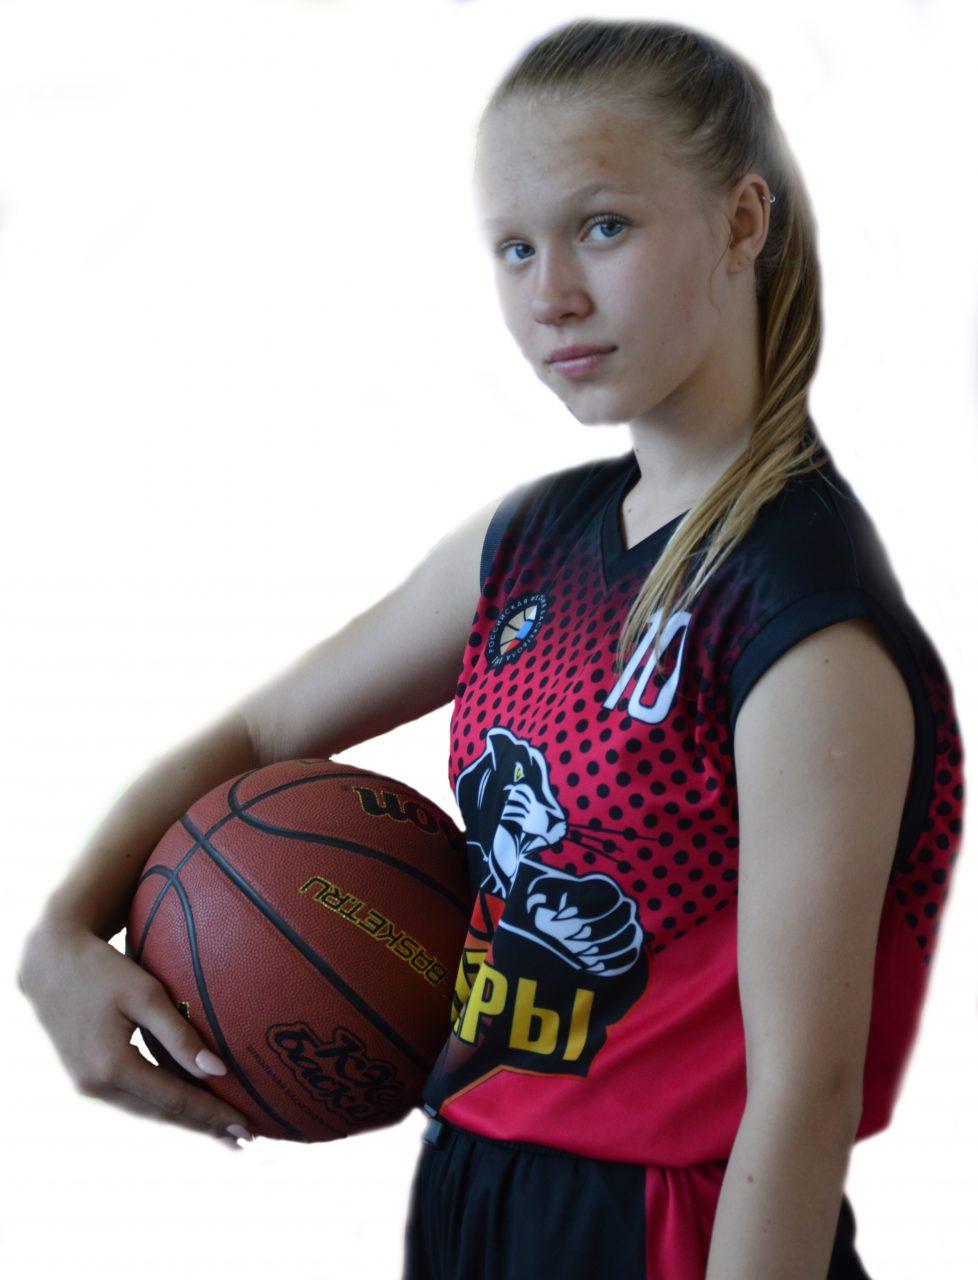 #АлатырьНаСпорте: баскетбол.